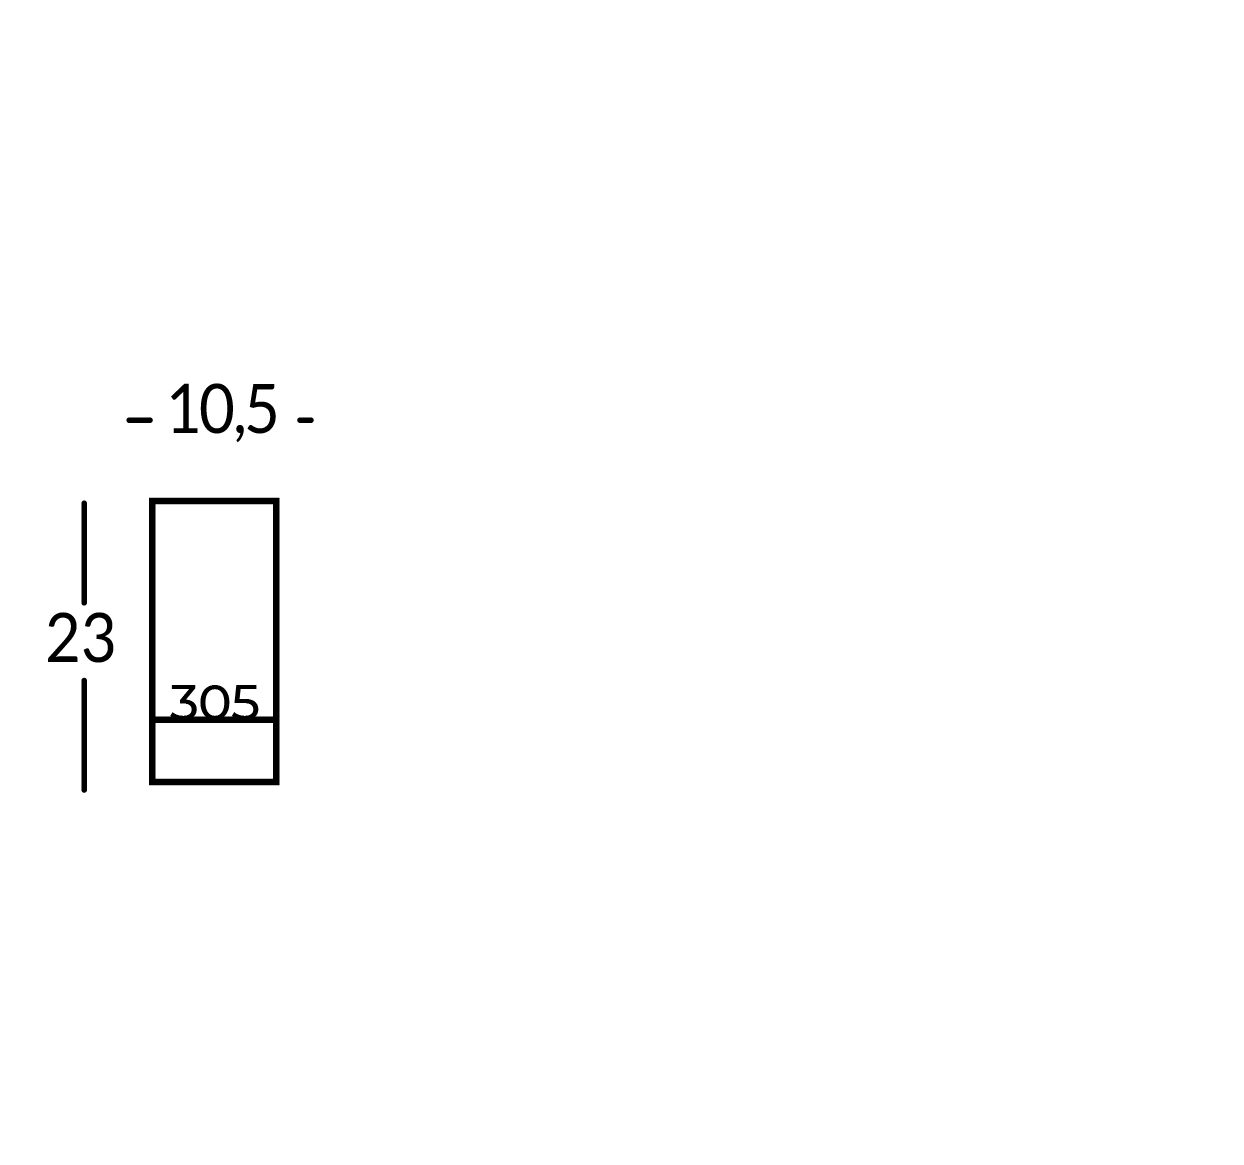 Esta línea de letreros está formada por diferentes placas y elementos adecuados para crear información directoral útil para orientar a los clientes en su instalación con un solo estilo. Cada elemento está fabricado en metal personalizable en diferentes acabados y colores. Cada placa tiene una base rectangular donde se obtienen las escrituras, símbolos o números de habitación ahuecando la propia placa.